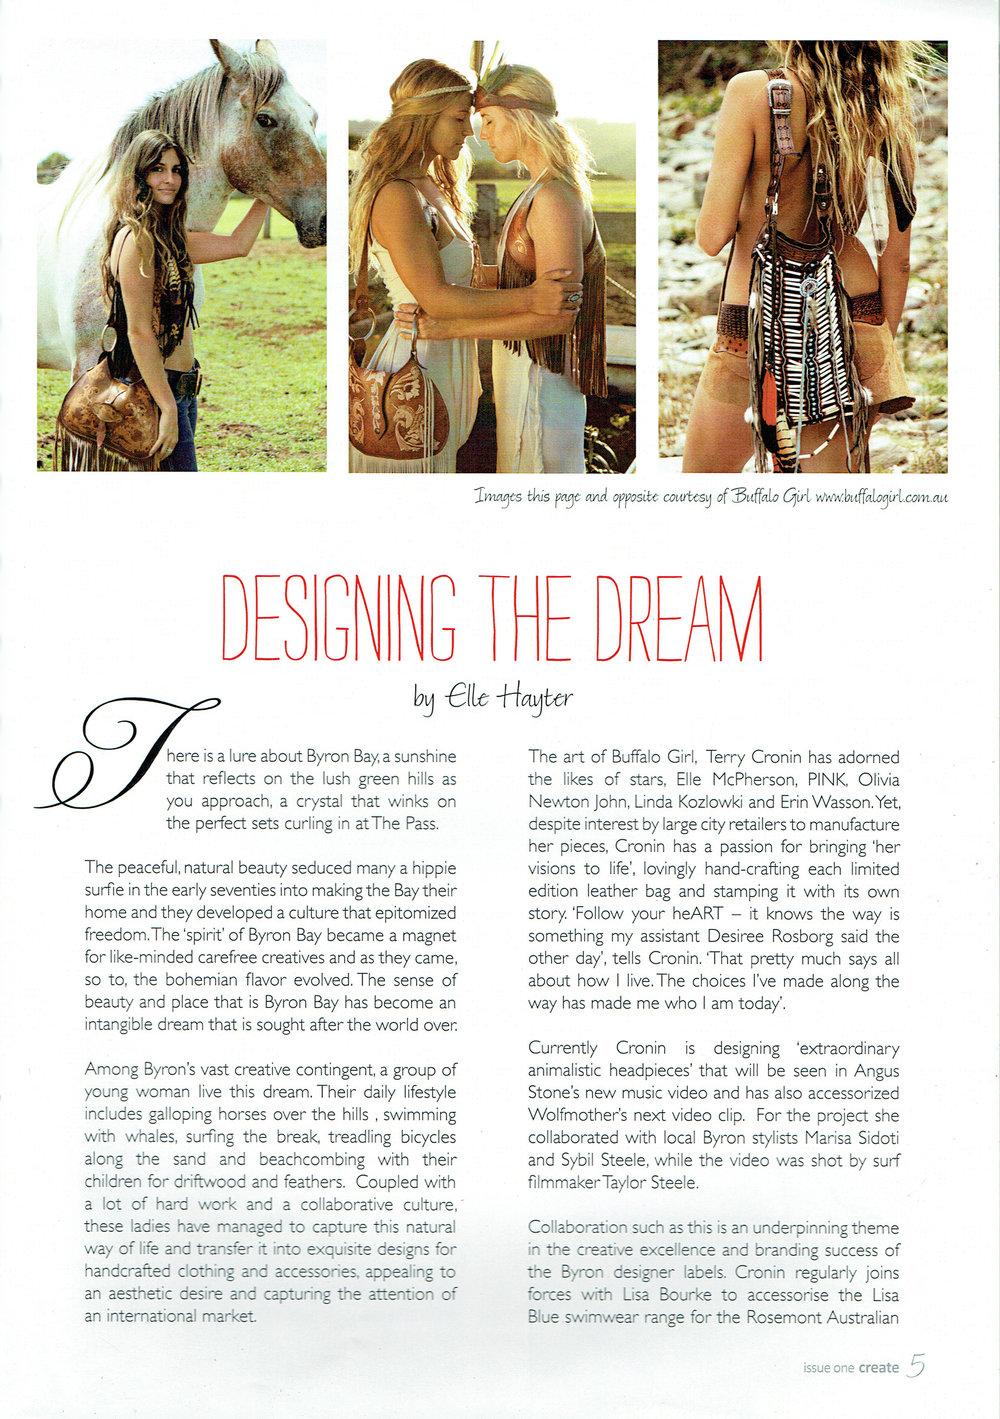 Designing the Dream! Original Article  here !